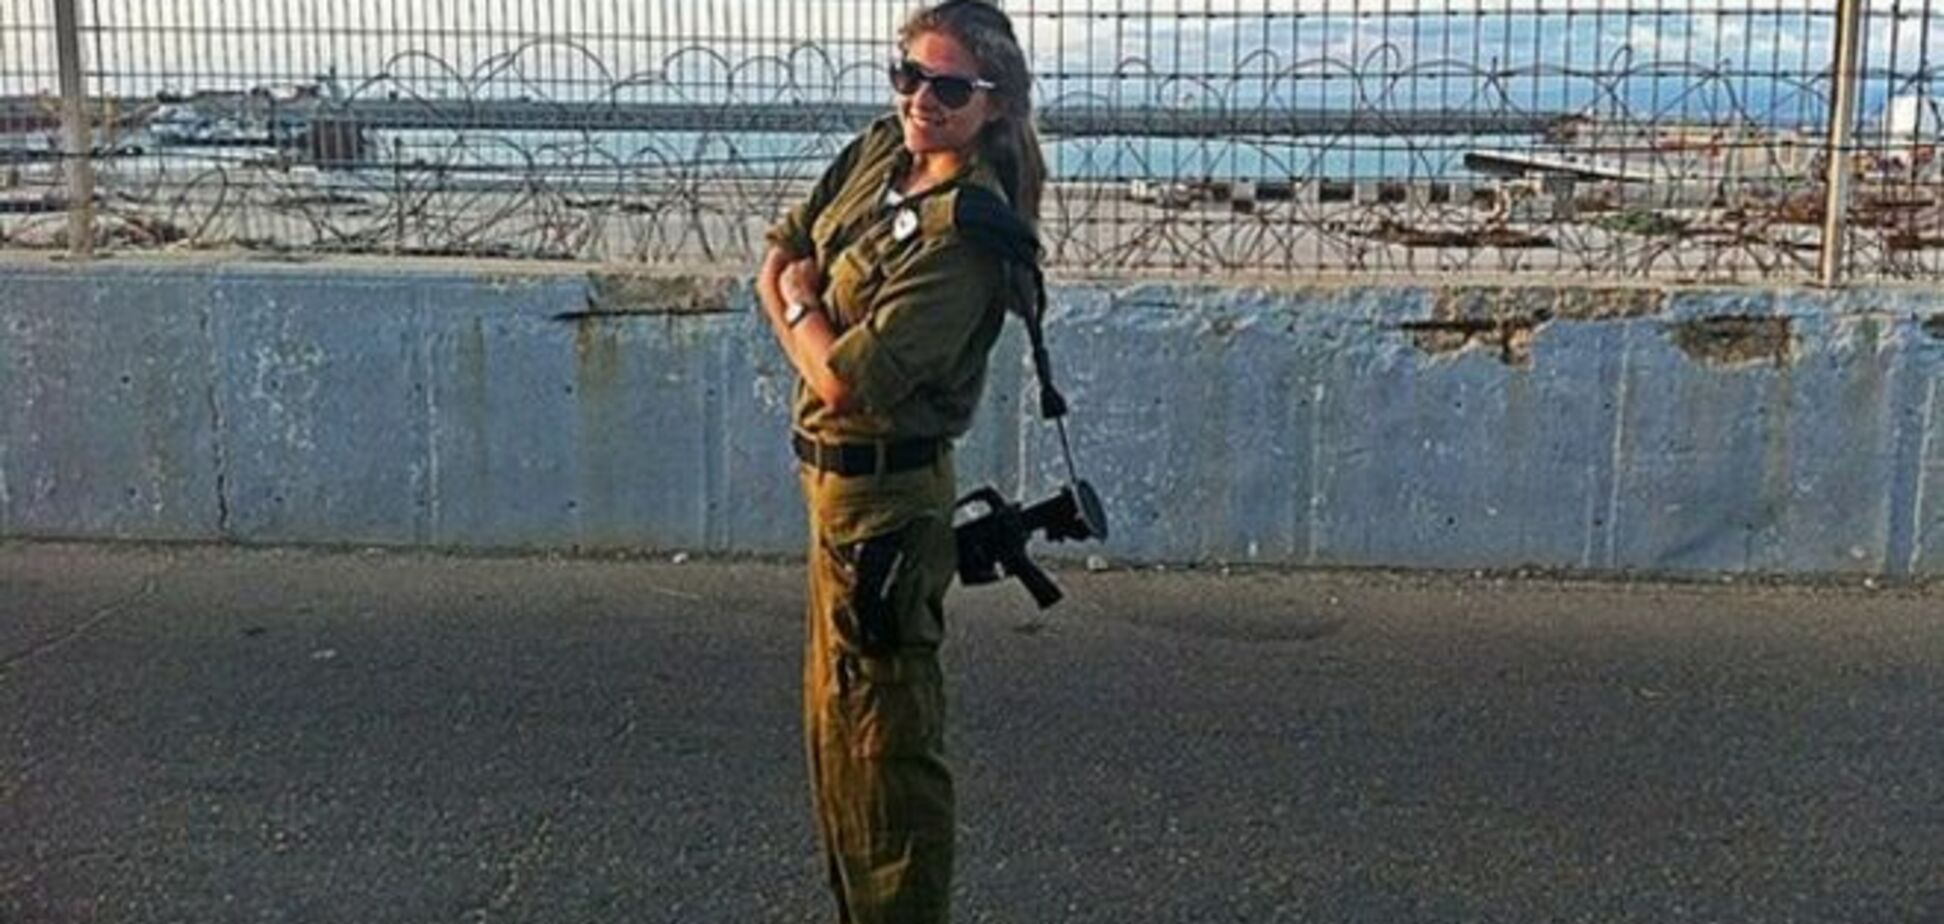 Дневники эмигранта: как живется украинке в Израиле